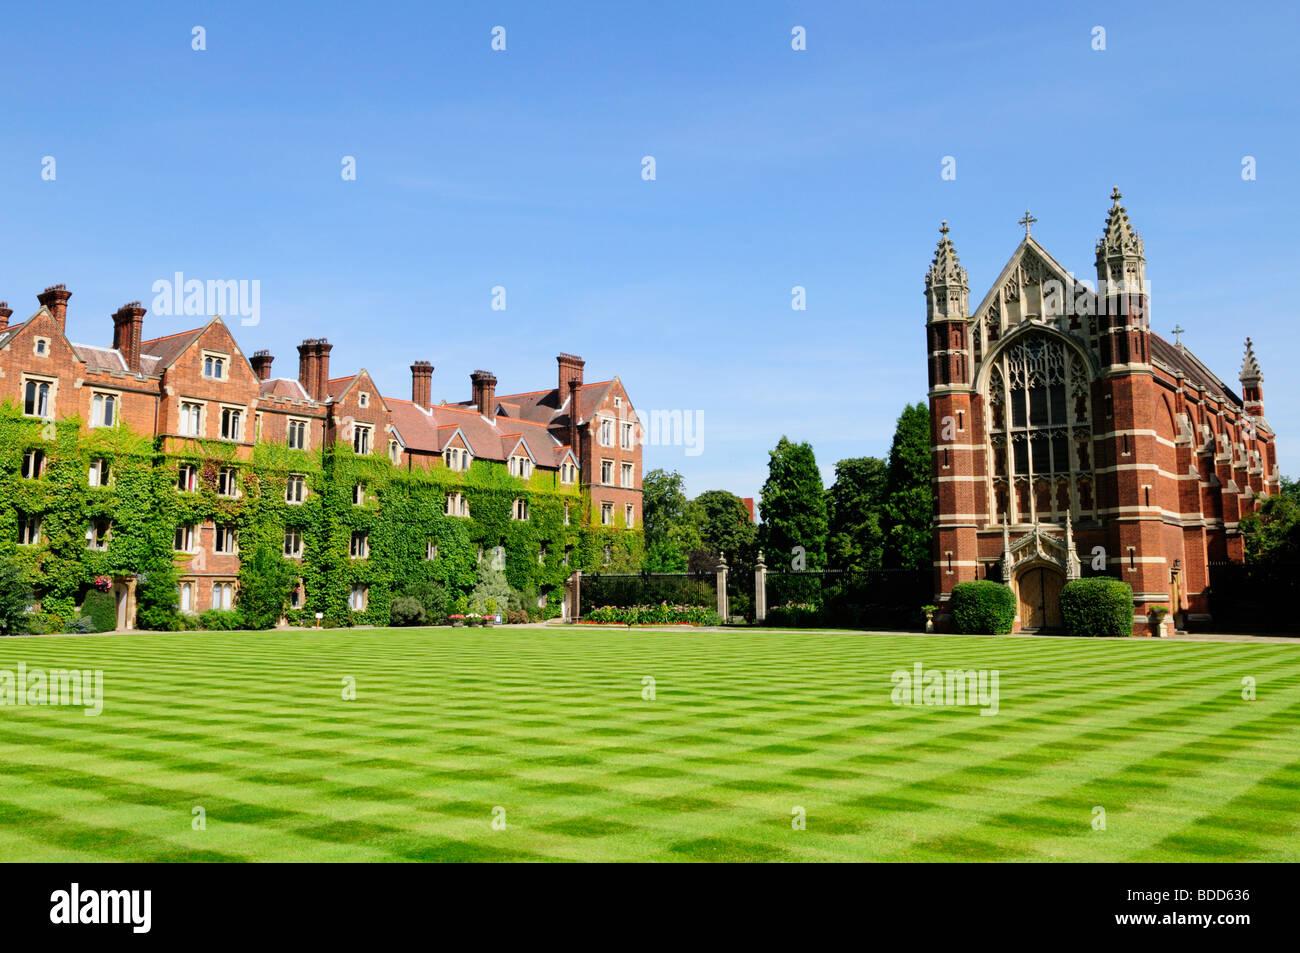 Selwyn College Cambridge England UK - Stock Image